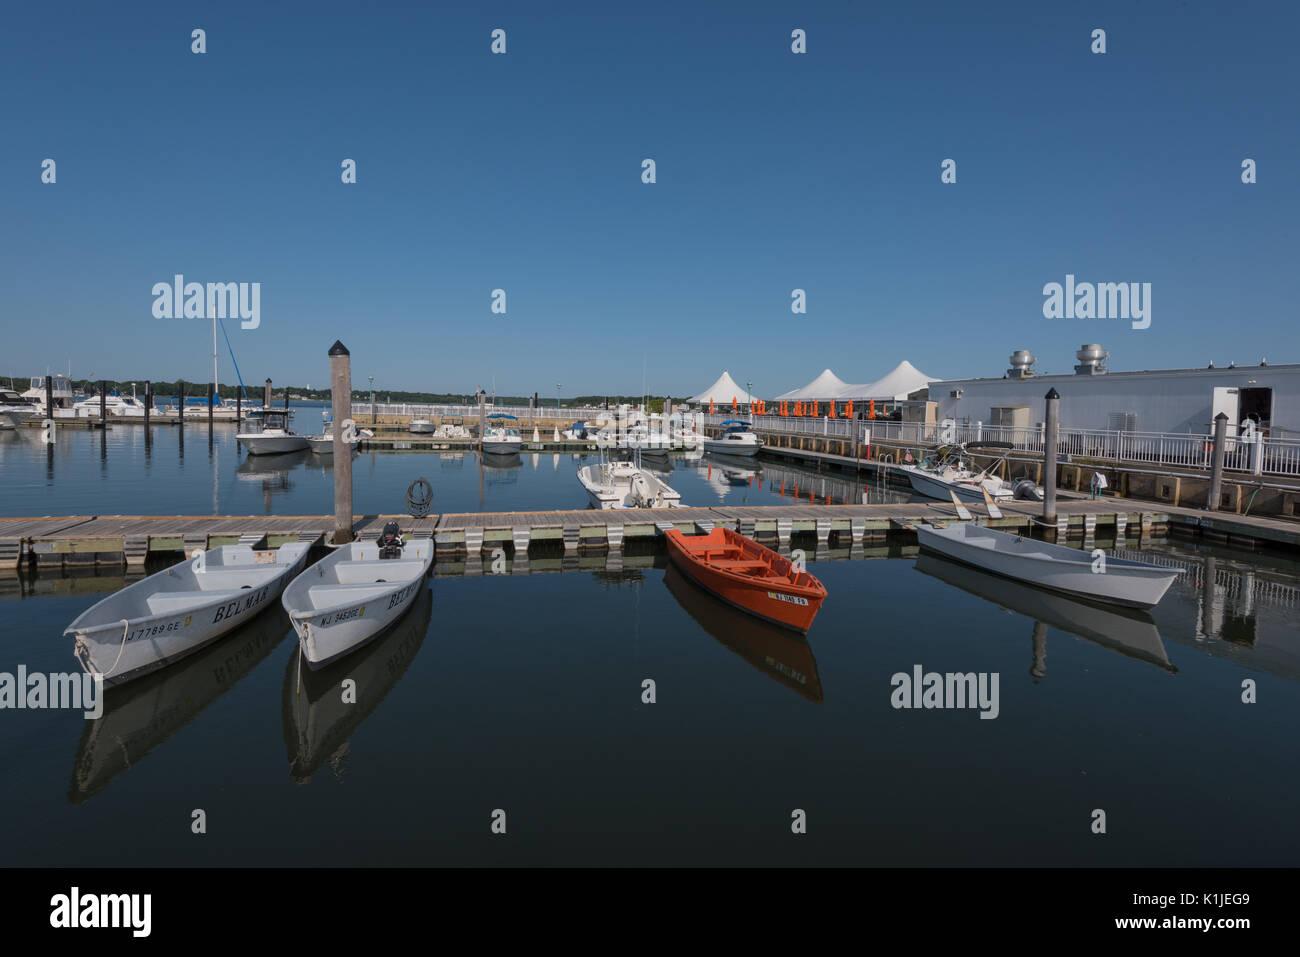 Belmar, NEW JERSEY USA -- le 26 août 2017 Orange et Blanc bateaux sont amarrés au Belmar Marina et reflétée dans l'eau. Usage éditorial uniquement. Photo Stock